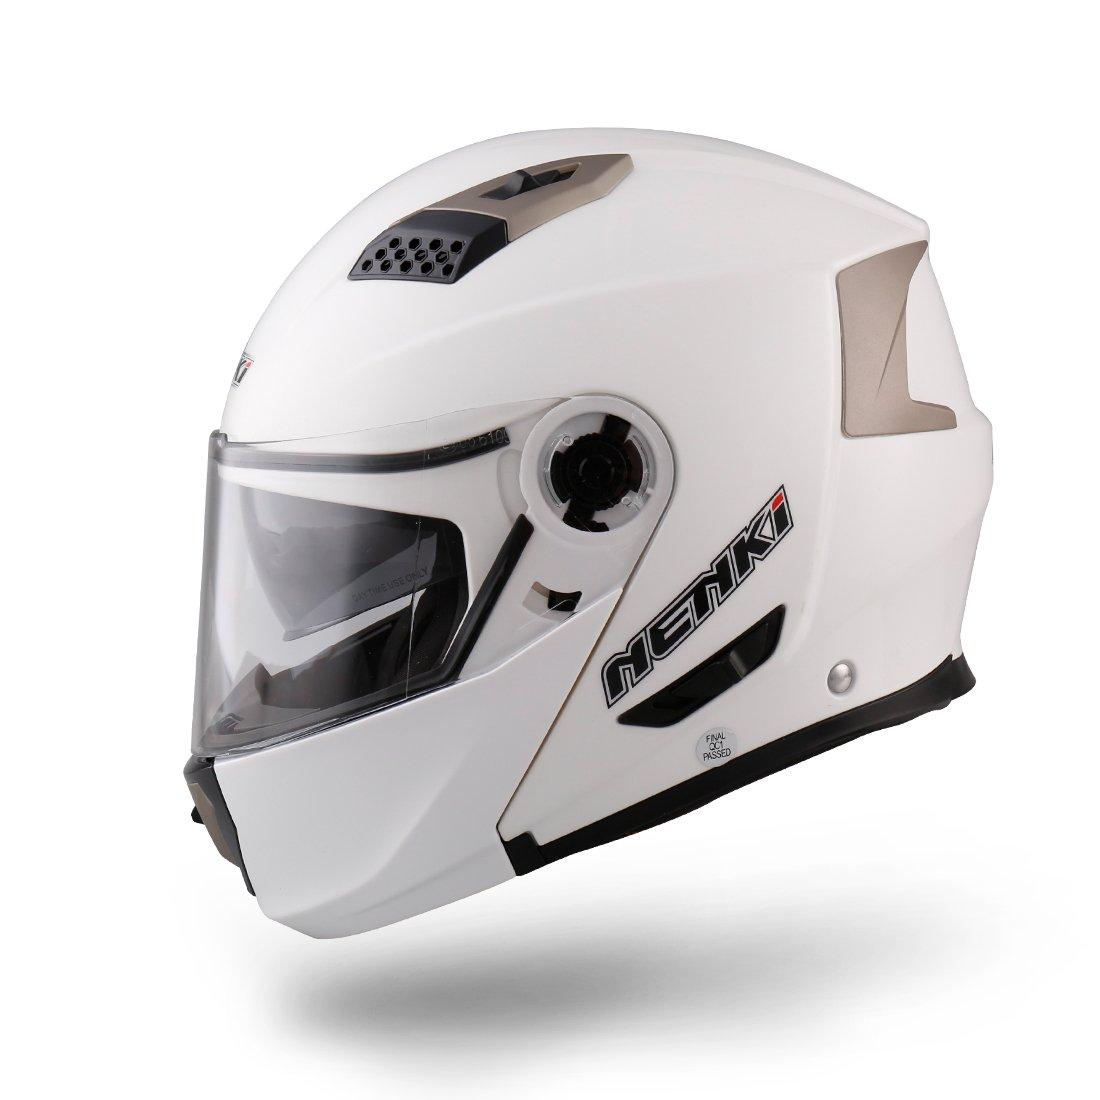 apribile NENKI NK-860 Casco per moto e scooter White, Small integrale modulare